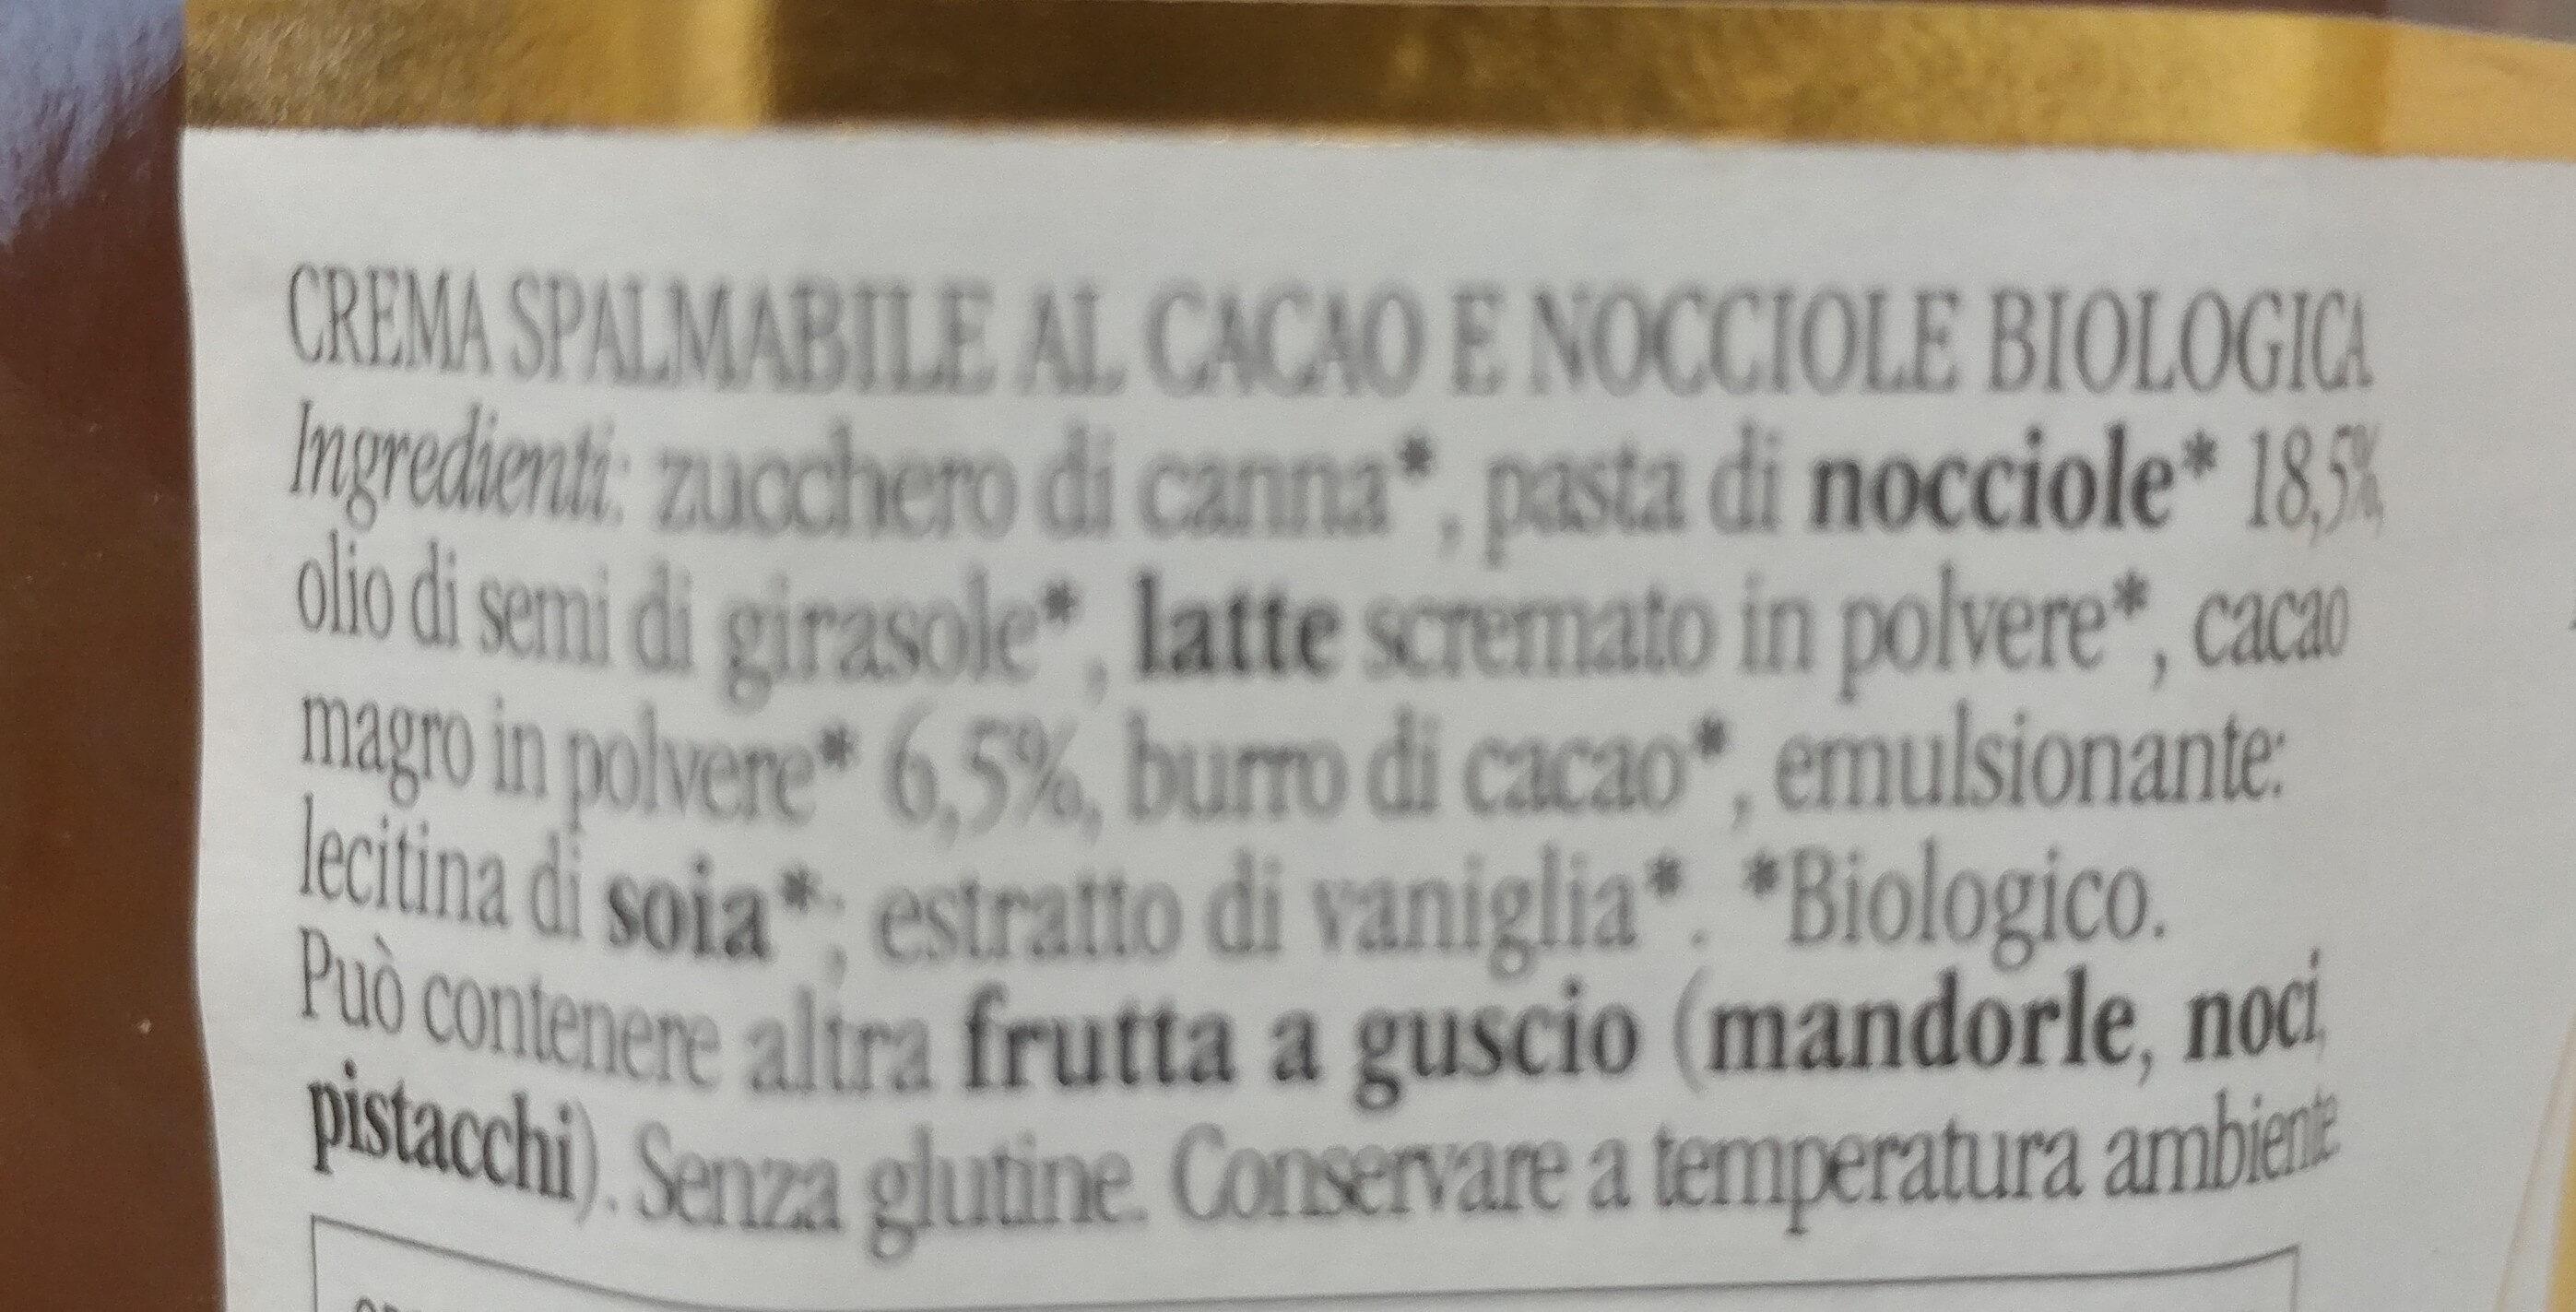 Rigoni Nocciolata crema di cacao e nocciole Prodotto biologico - Ingrediënten - it